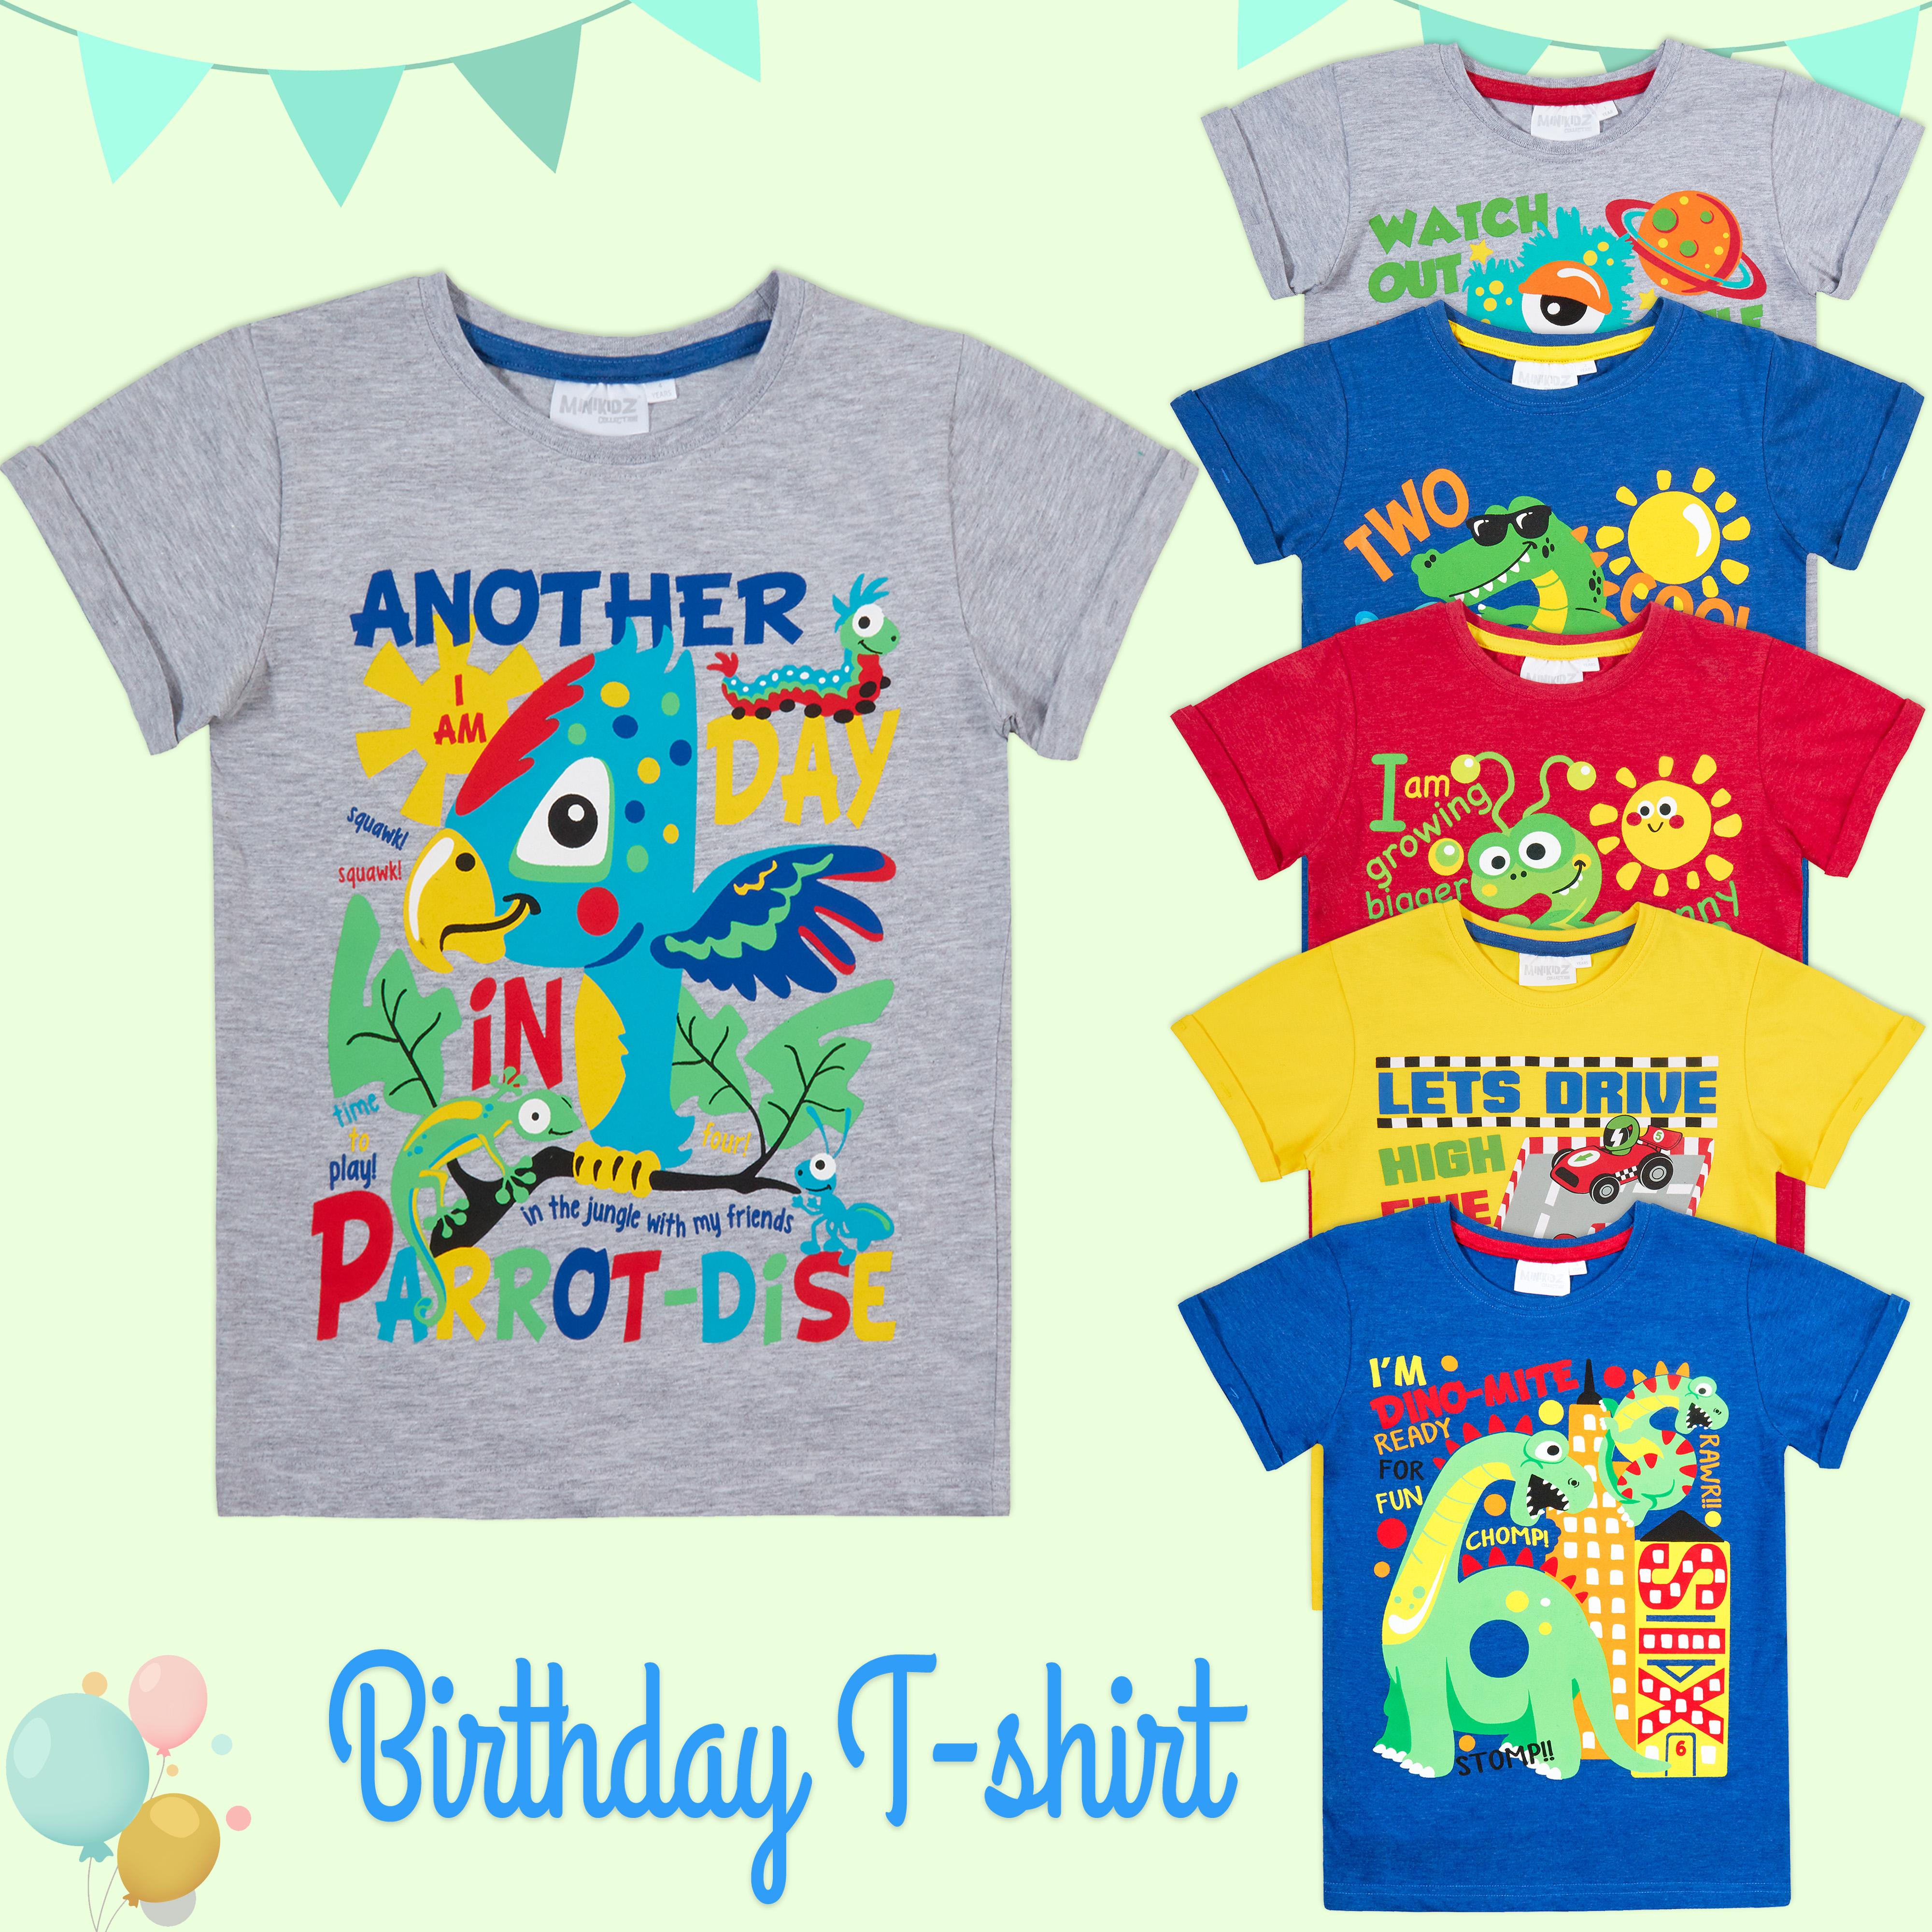 1st Birthday Gifts Gift Ideas Age One Year Old Birthday Shirt Infant Bodysuit Boys 1st Birthday 1st Birthday Shirt Boy 1 Year Old